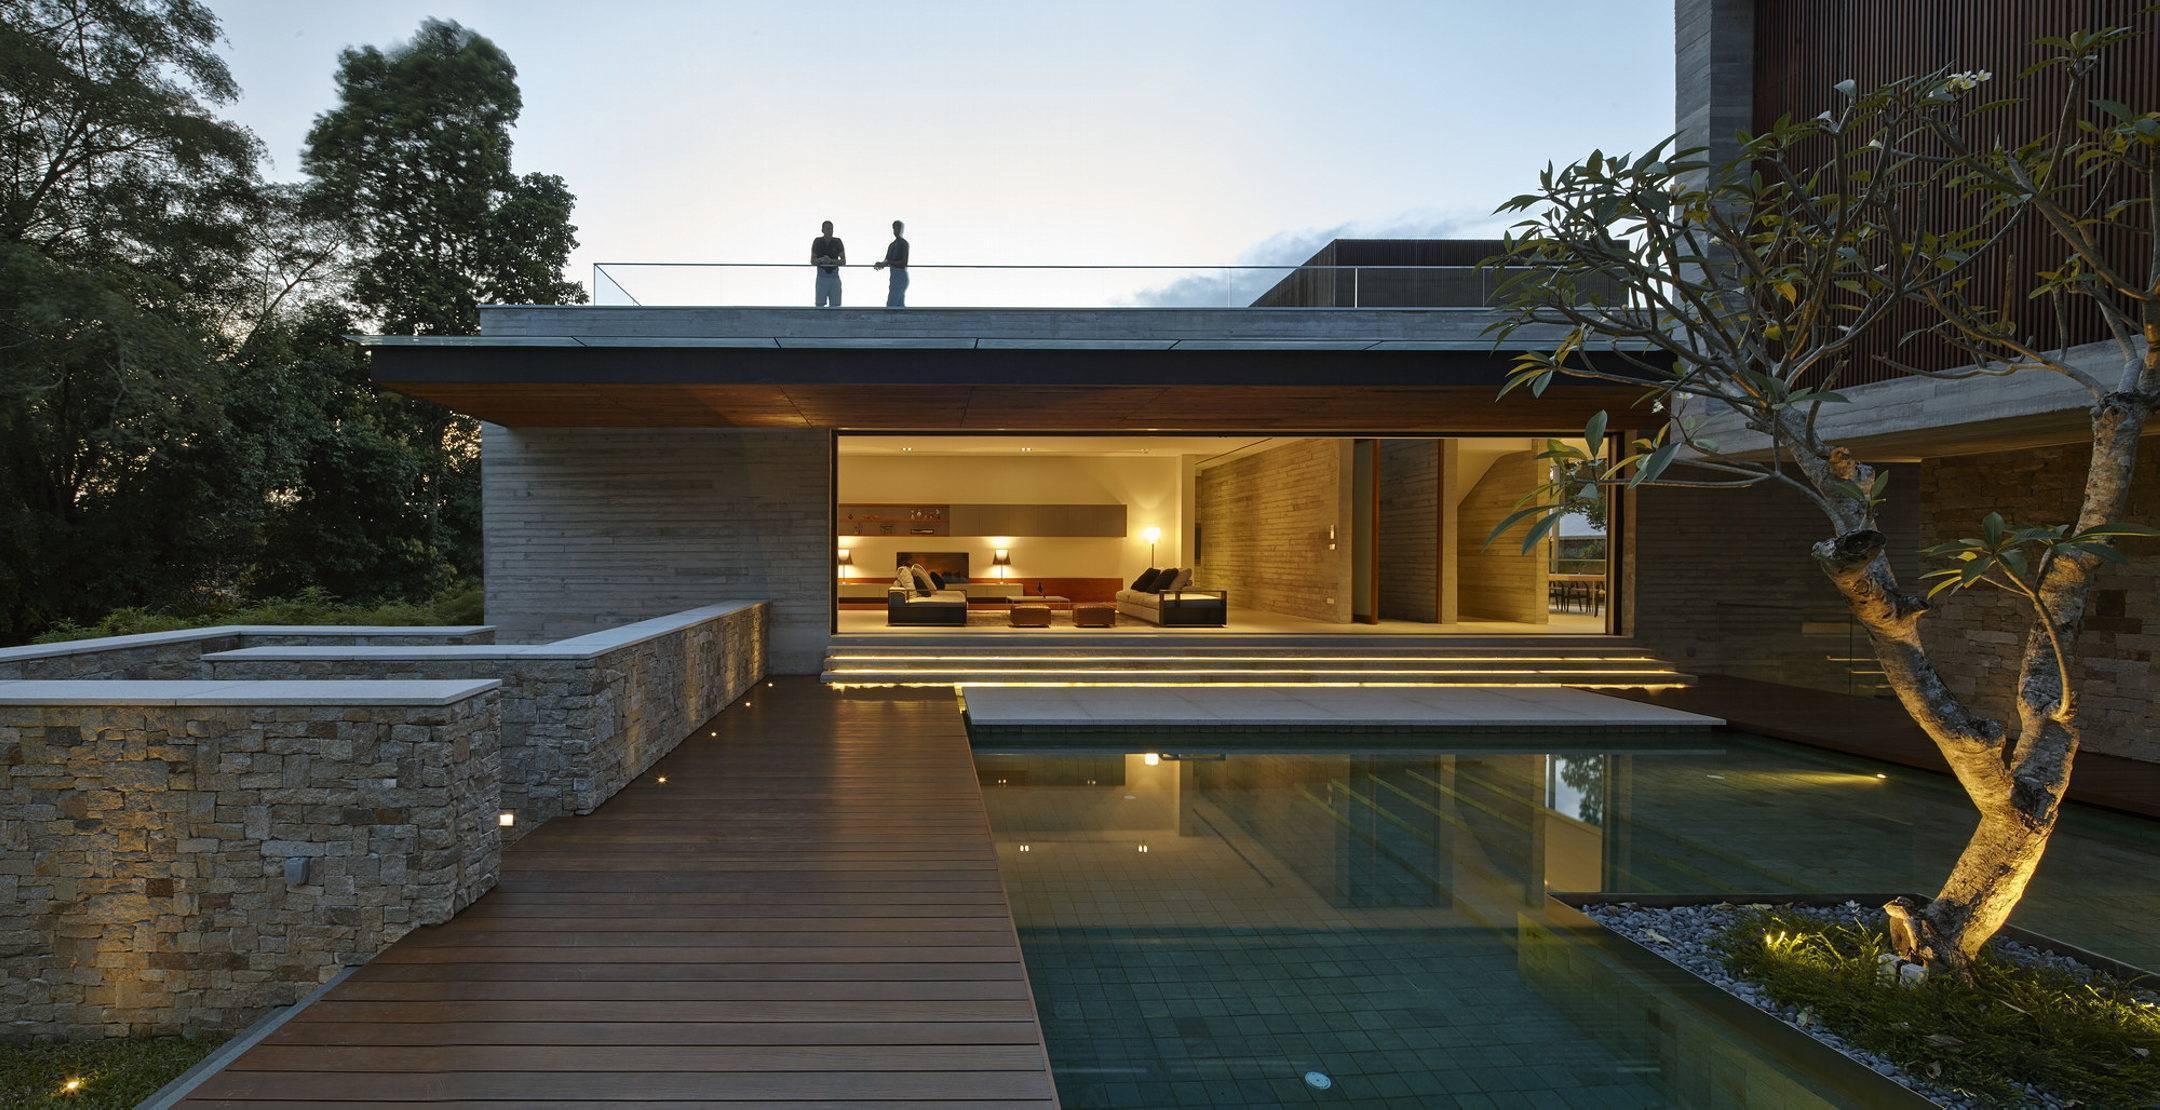 Стеклянный дом (фото): преимущества и недостатки домов со стеклянными фасадами. стеклянные дома с деревянным каркасом